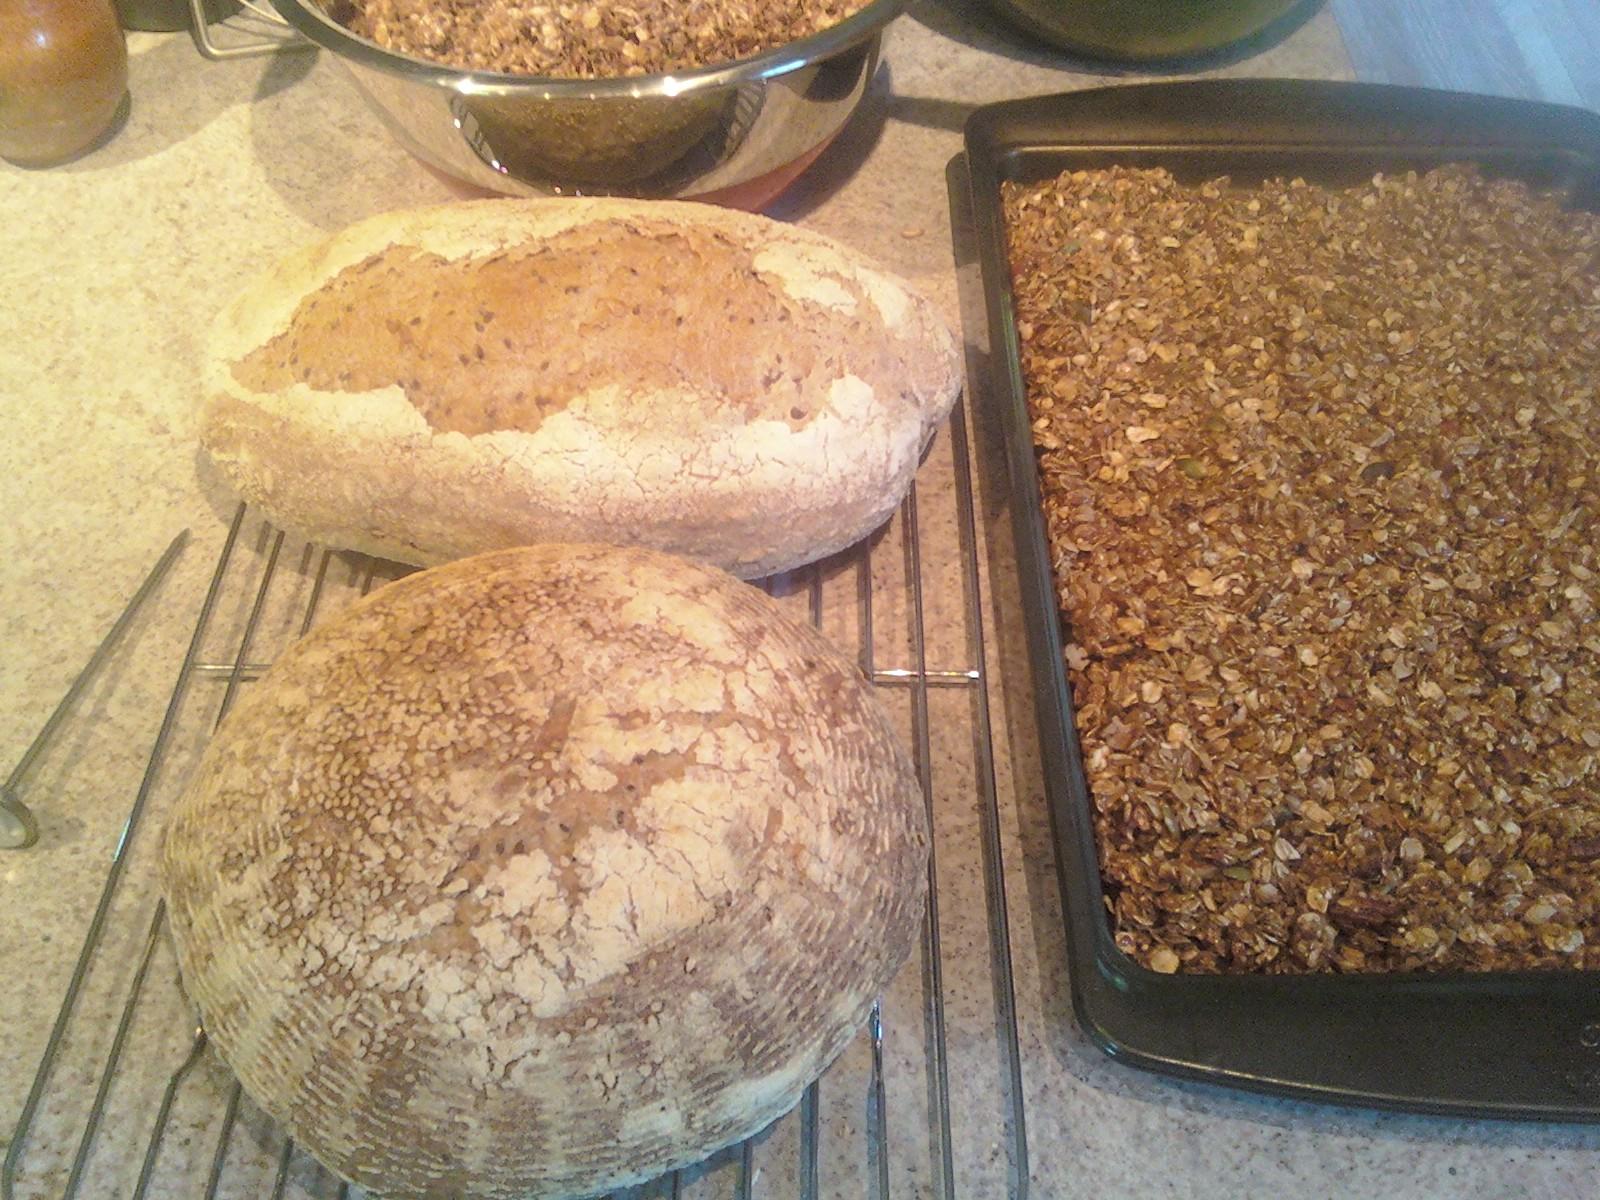 Bread and Granola